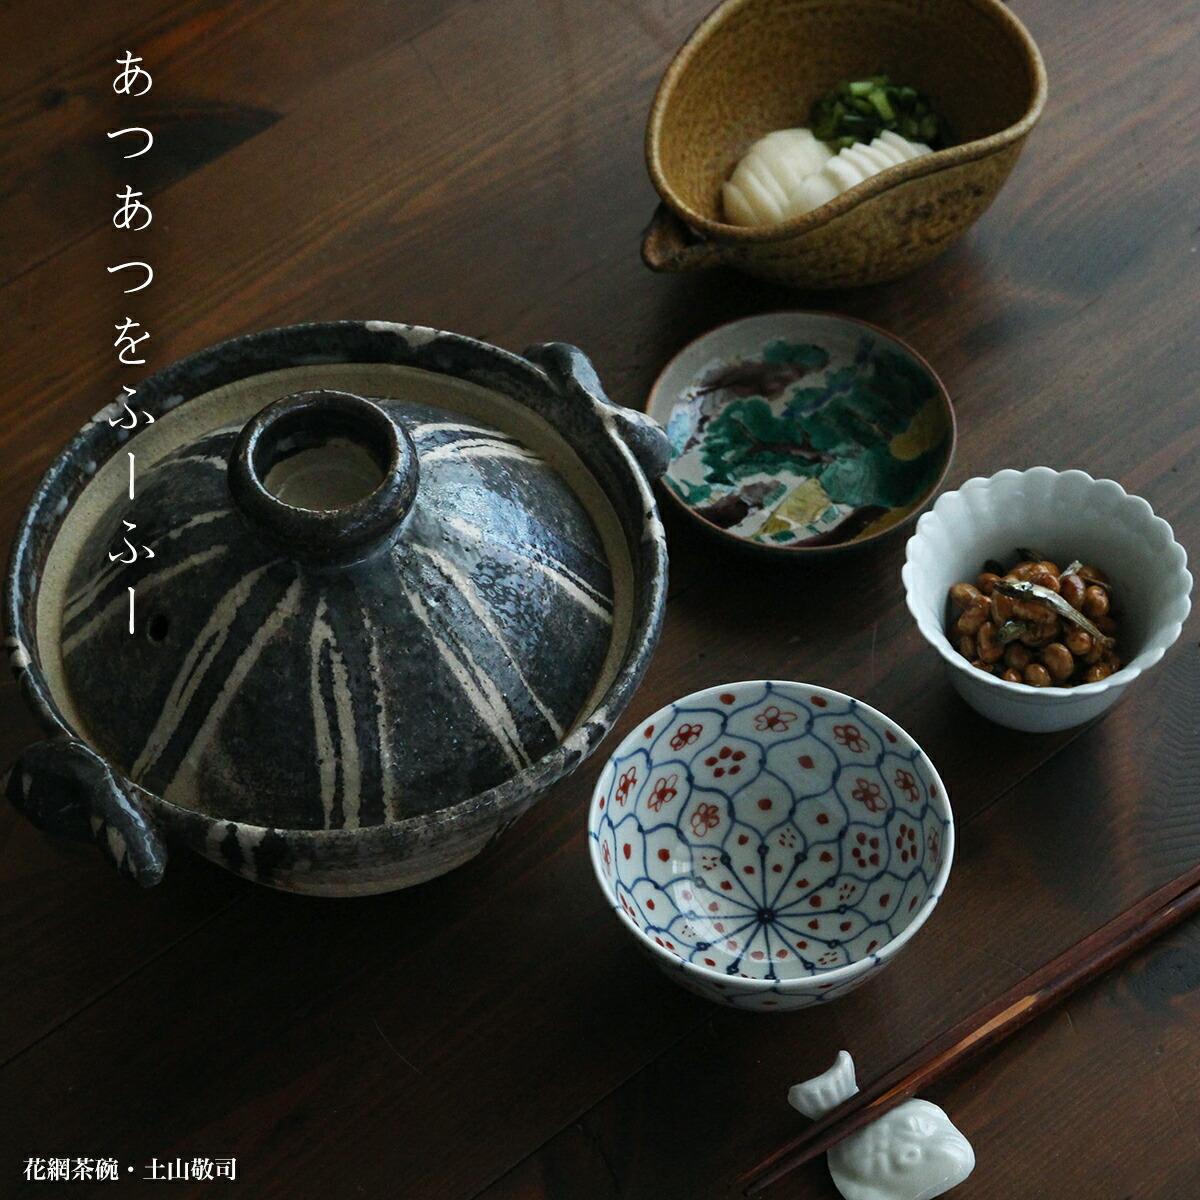 花網茶碗・大・土山敬司